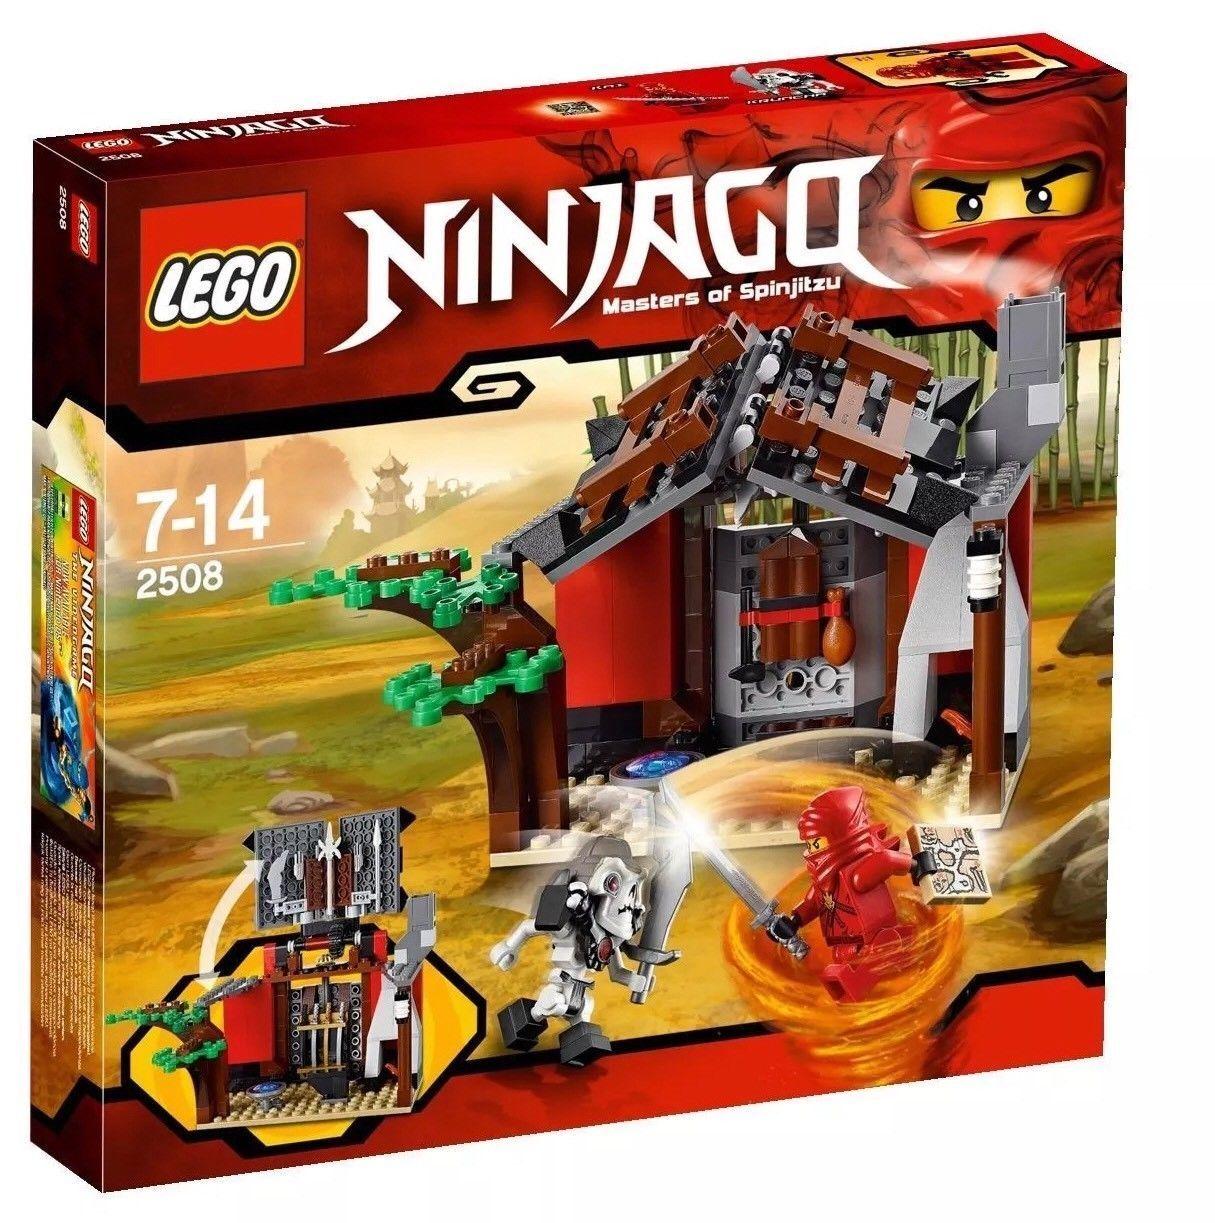 LEGO® NINJAGO 2508